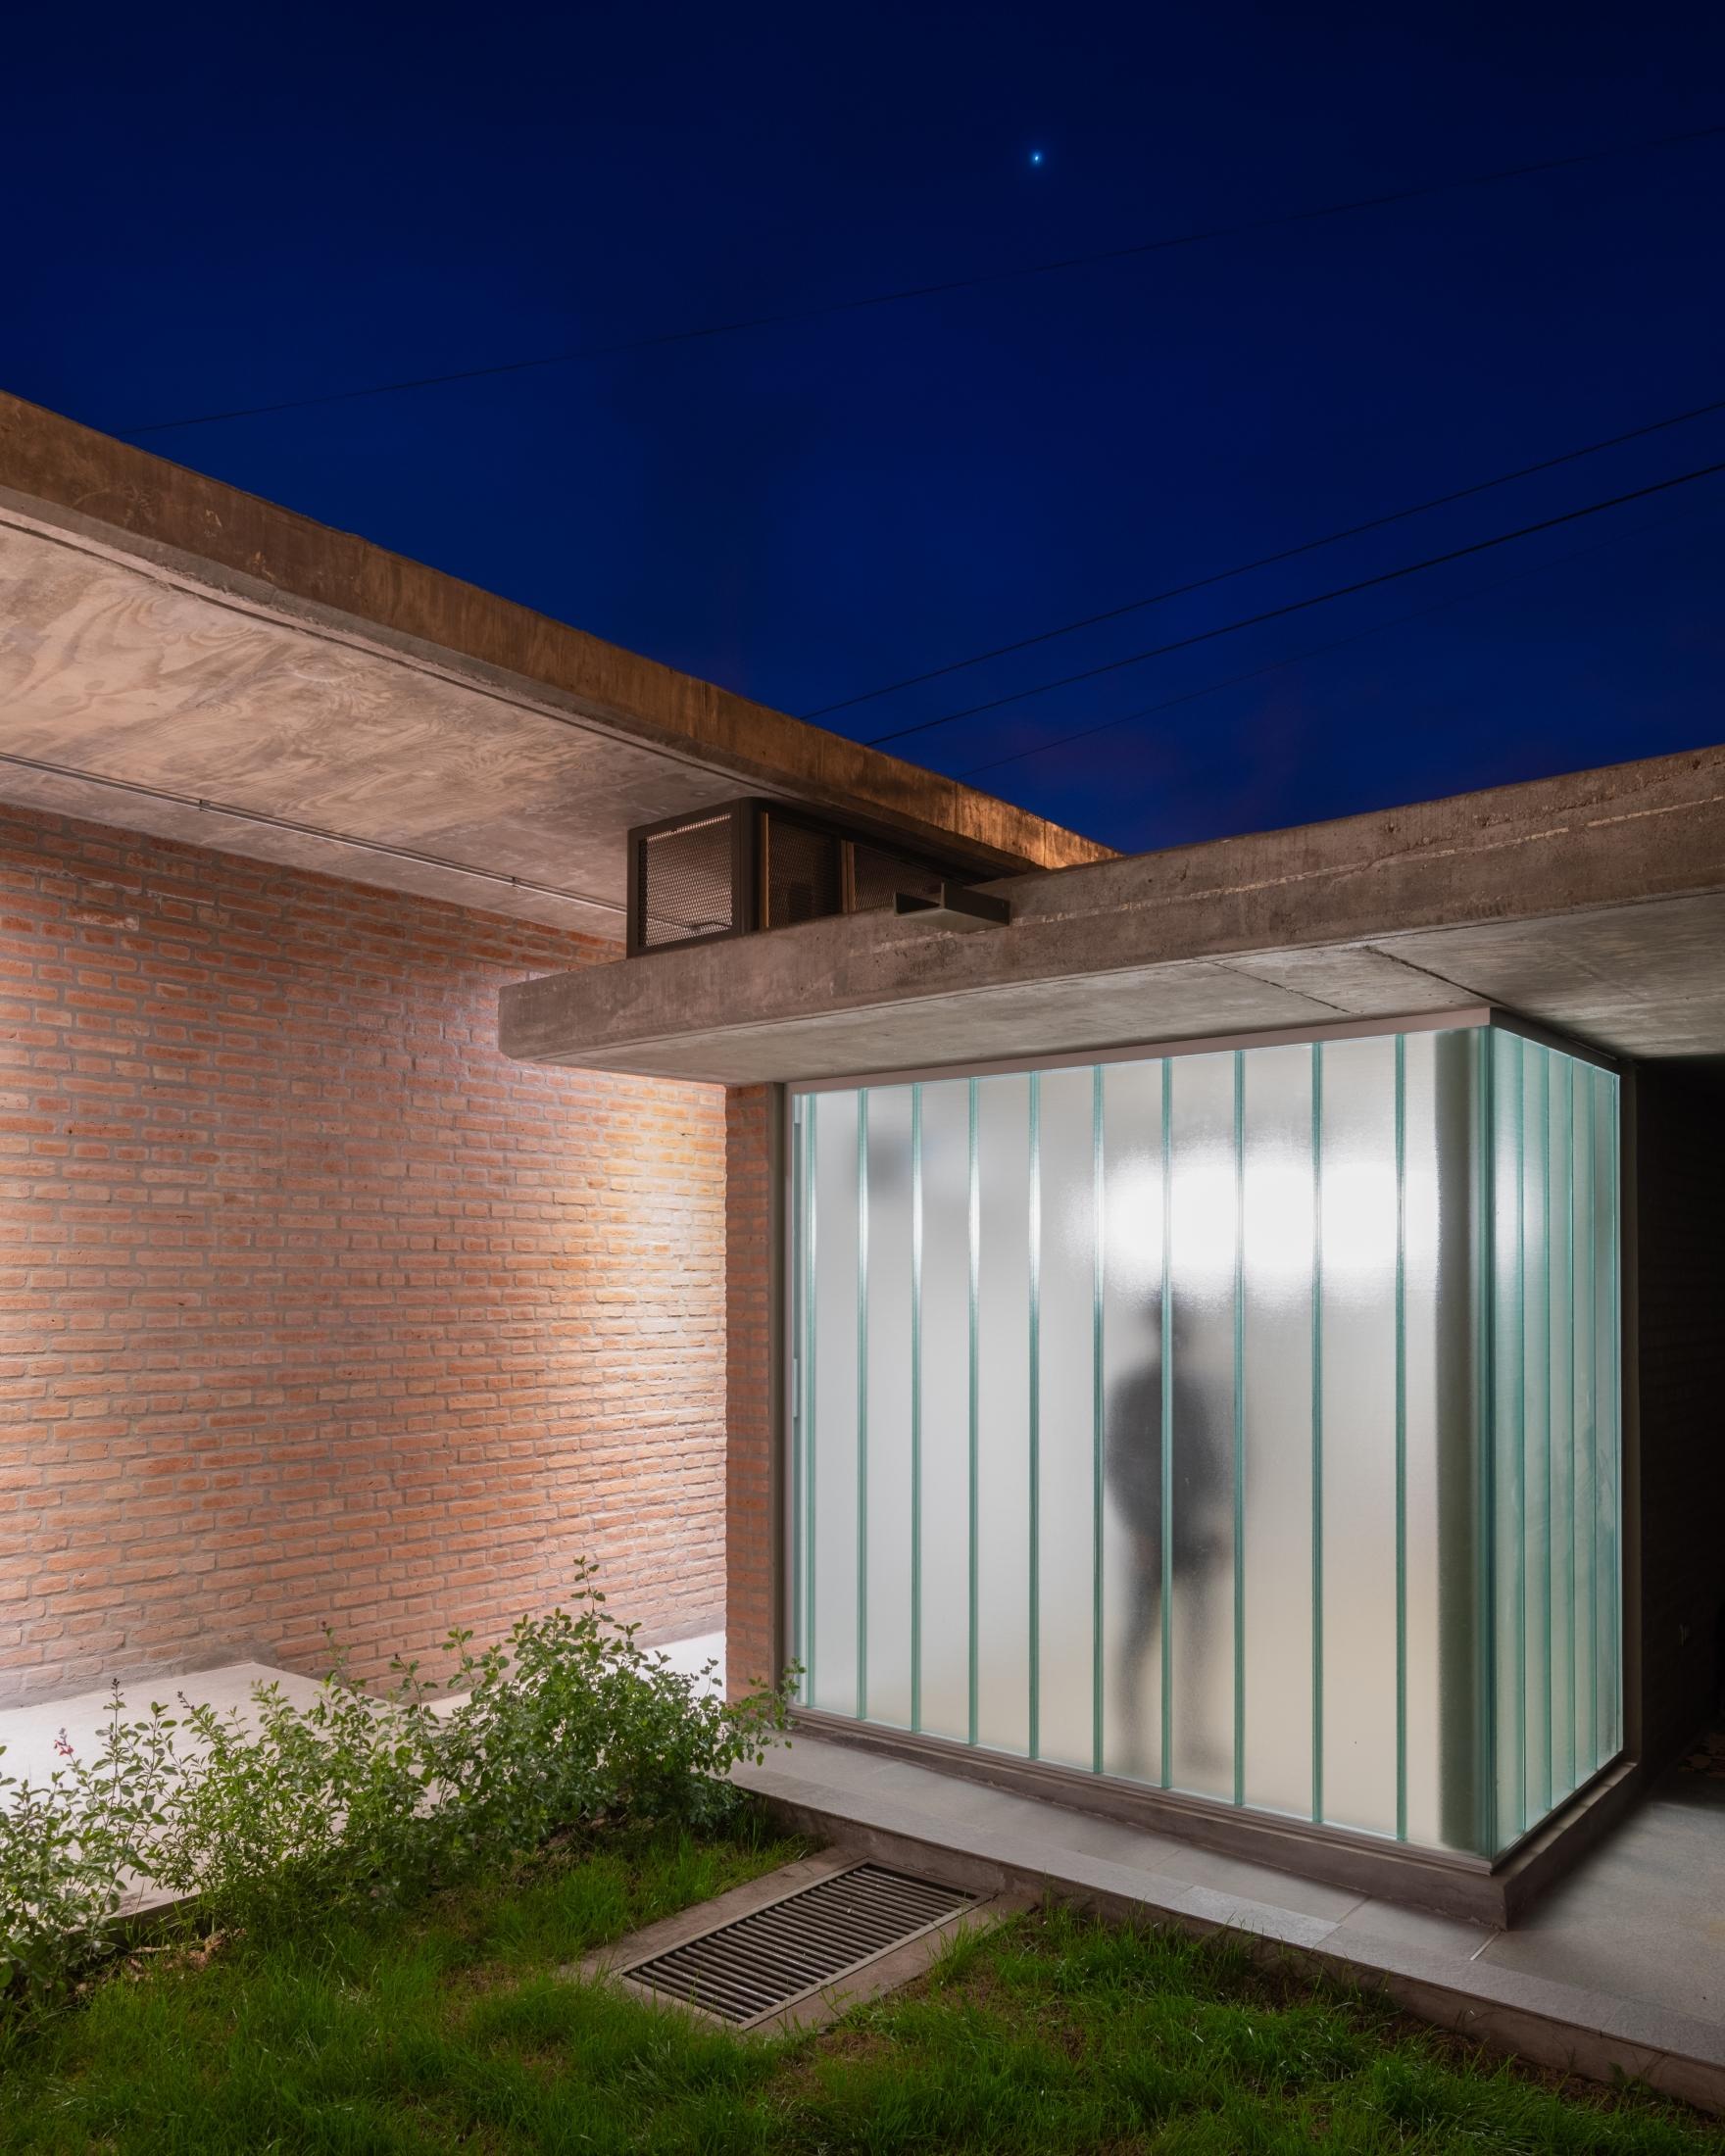 Galer a de vivienda en el norte de c rdoba ono arquitectos 26 - Arquitectos en cordoba ...